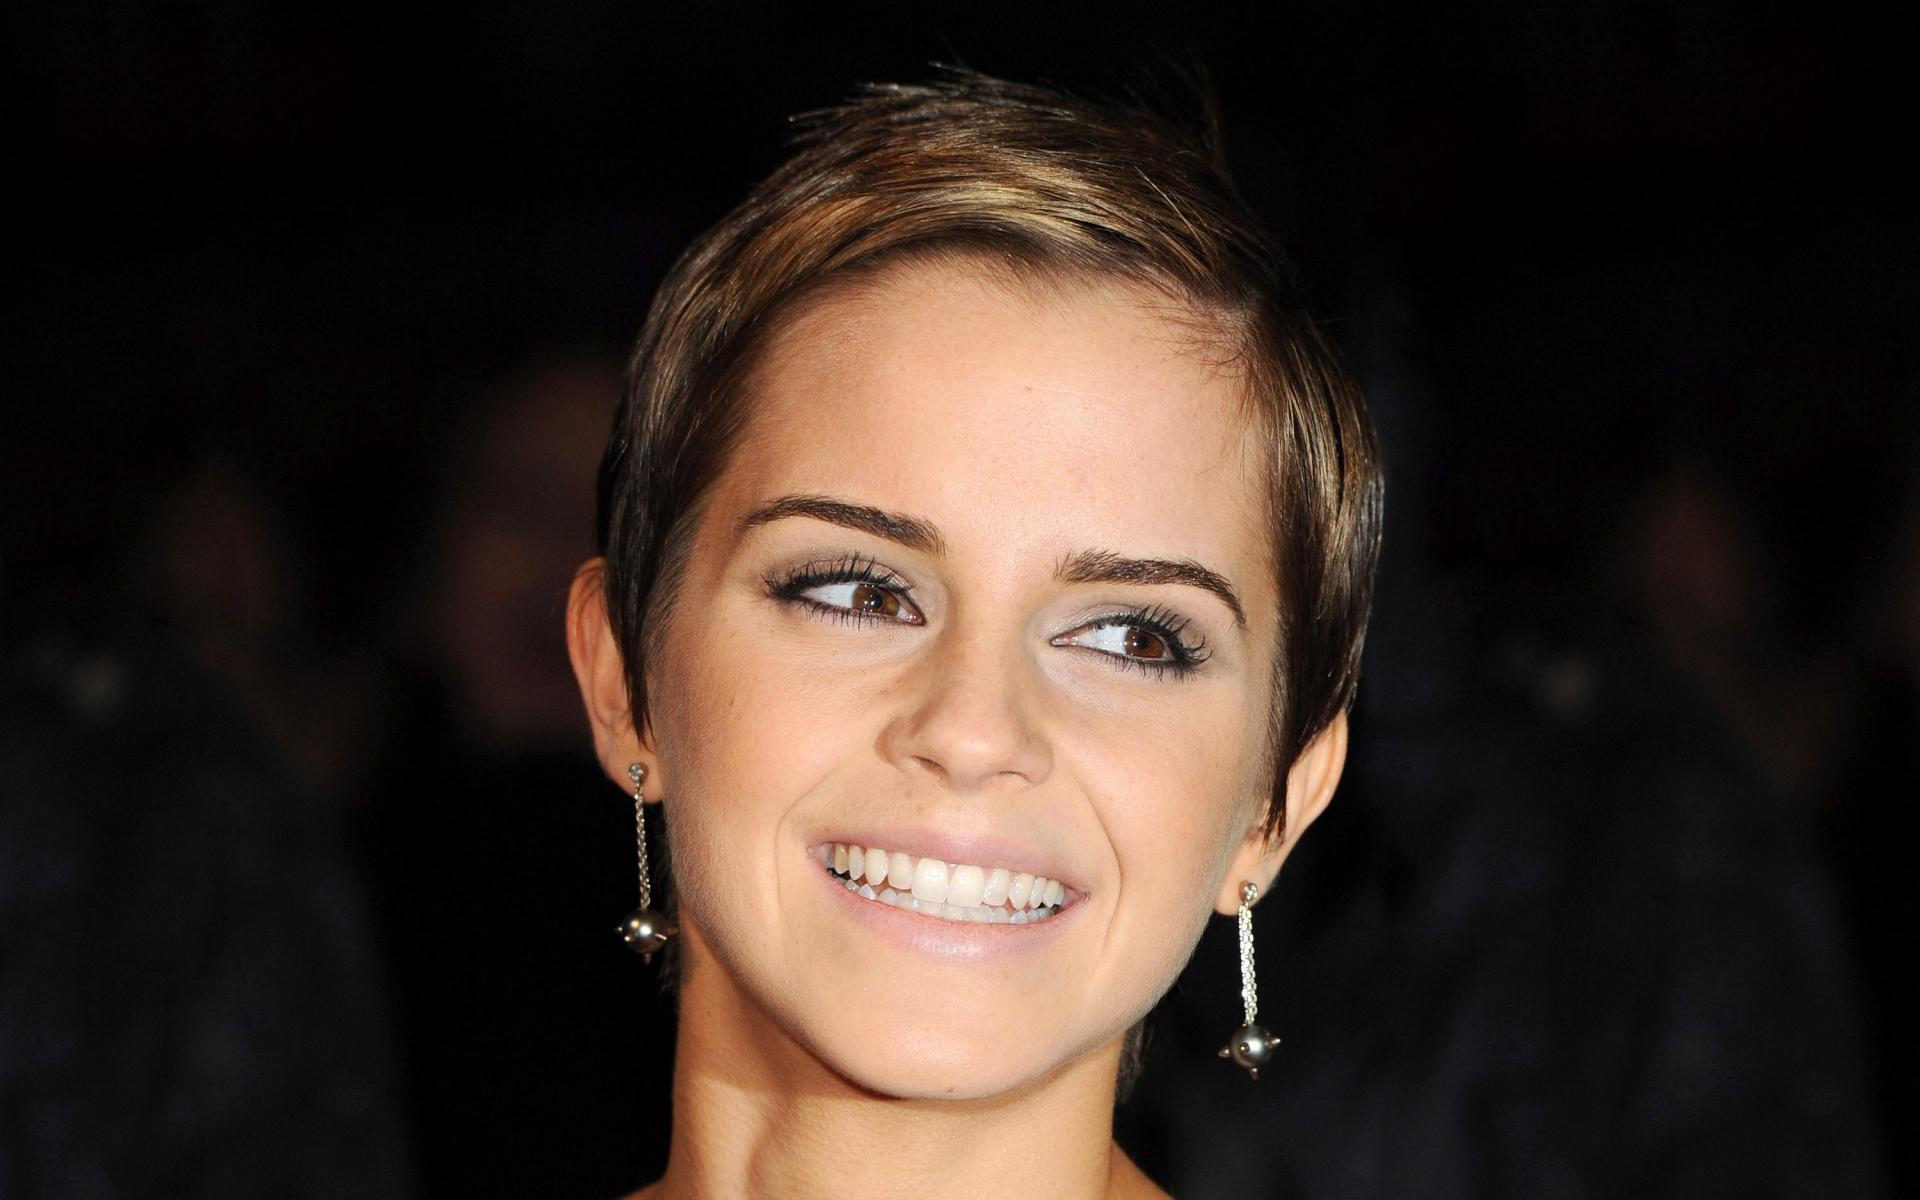 Emma Watson con una bella sonrisa - 1920x1200